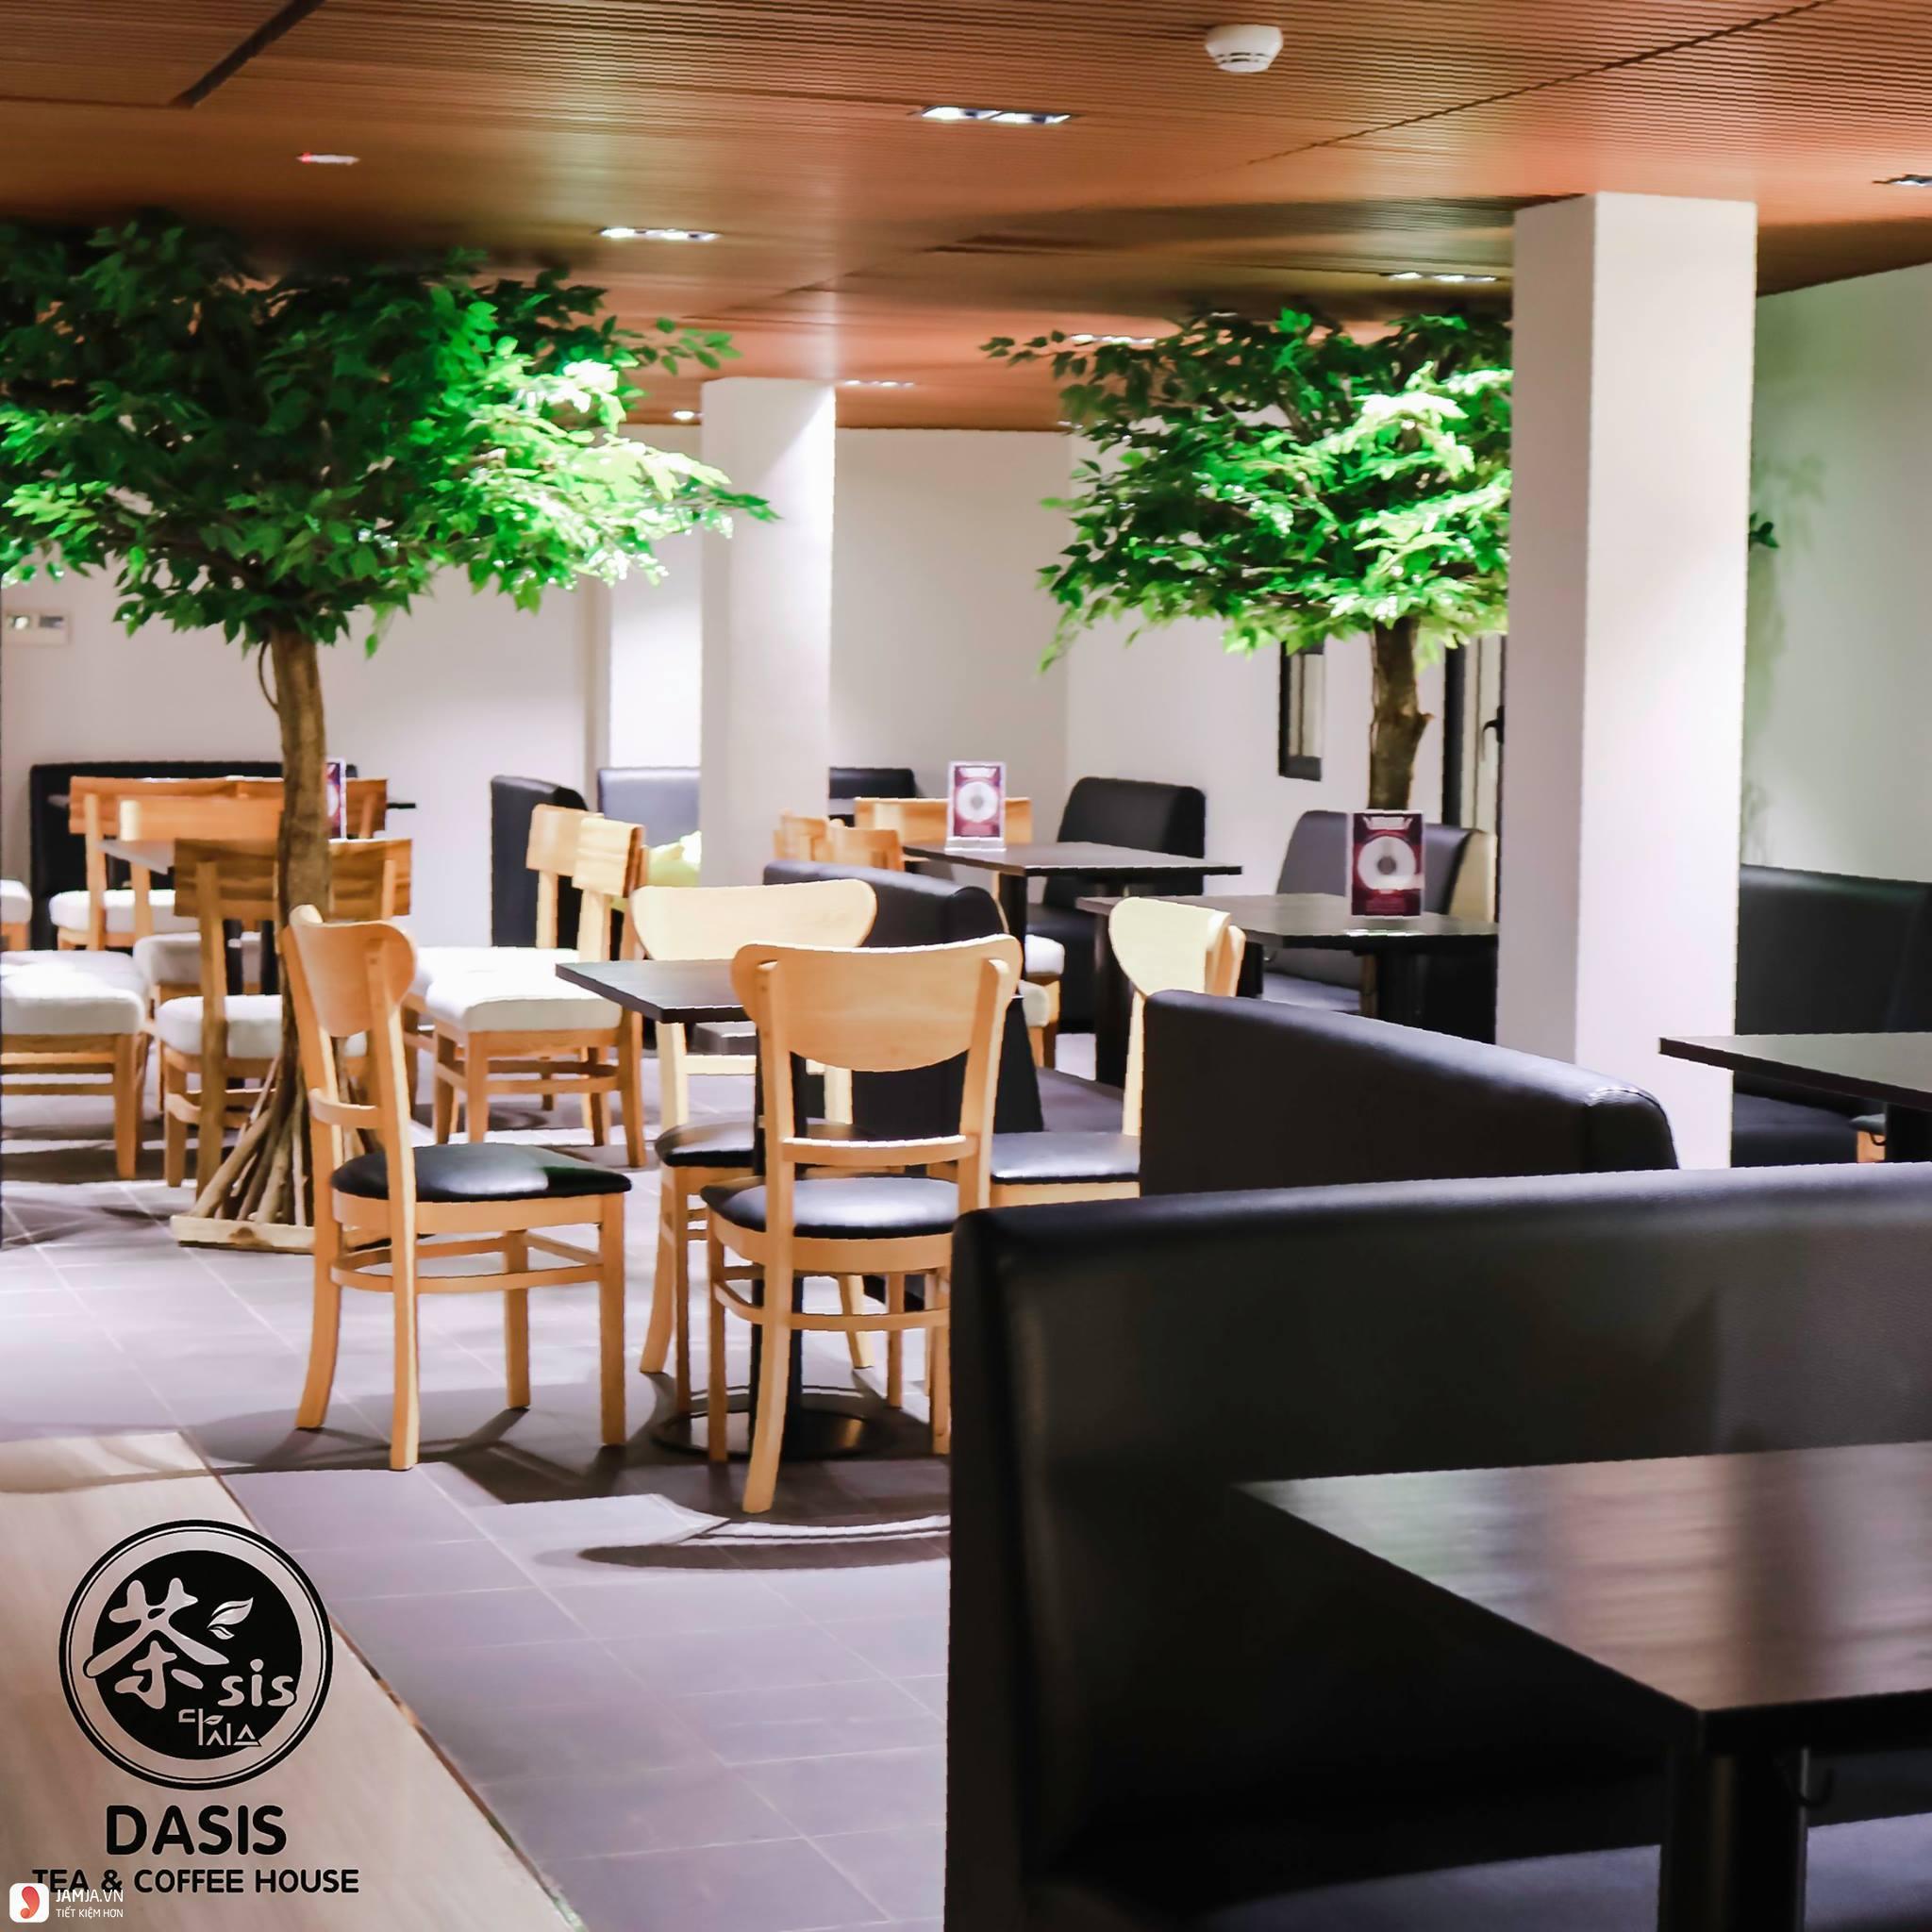 Dasis Tea & Coffee House không gian